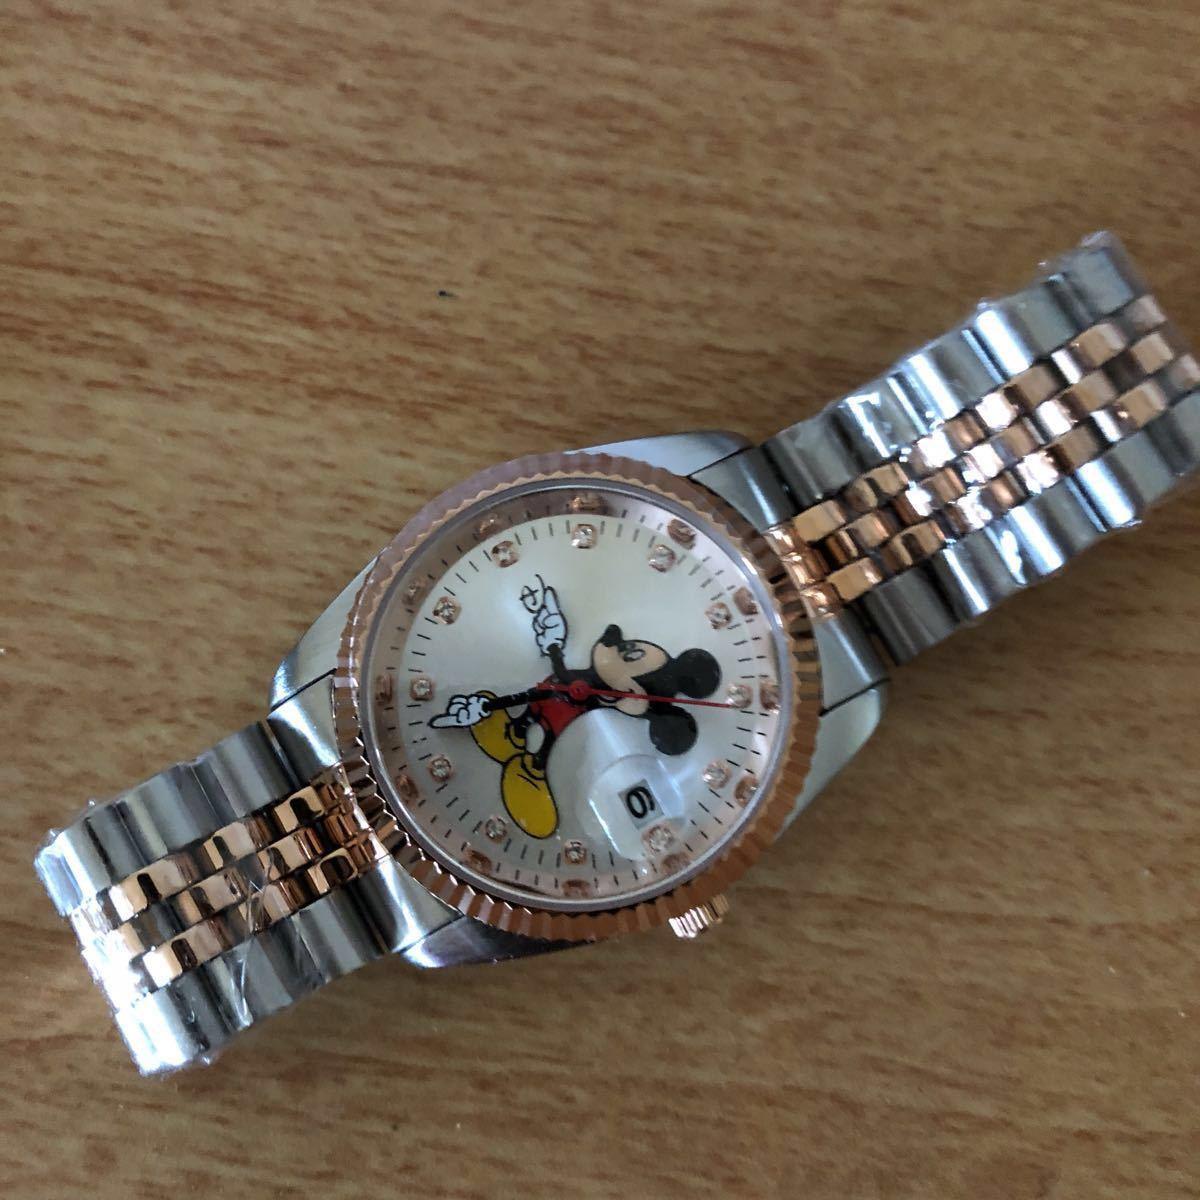 超プレミアム 世界限定モデル ミッキーマウス ダイヤモンド13石 腕時計 ロレックスタイプ ブラック未使用品 豪華オマケ付き_画像6